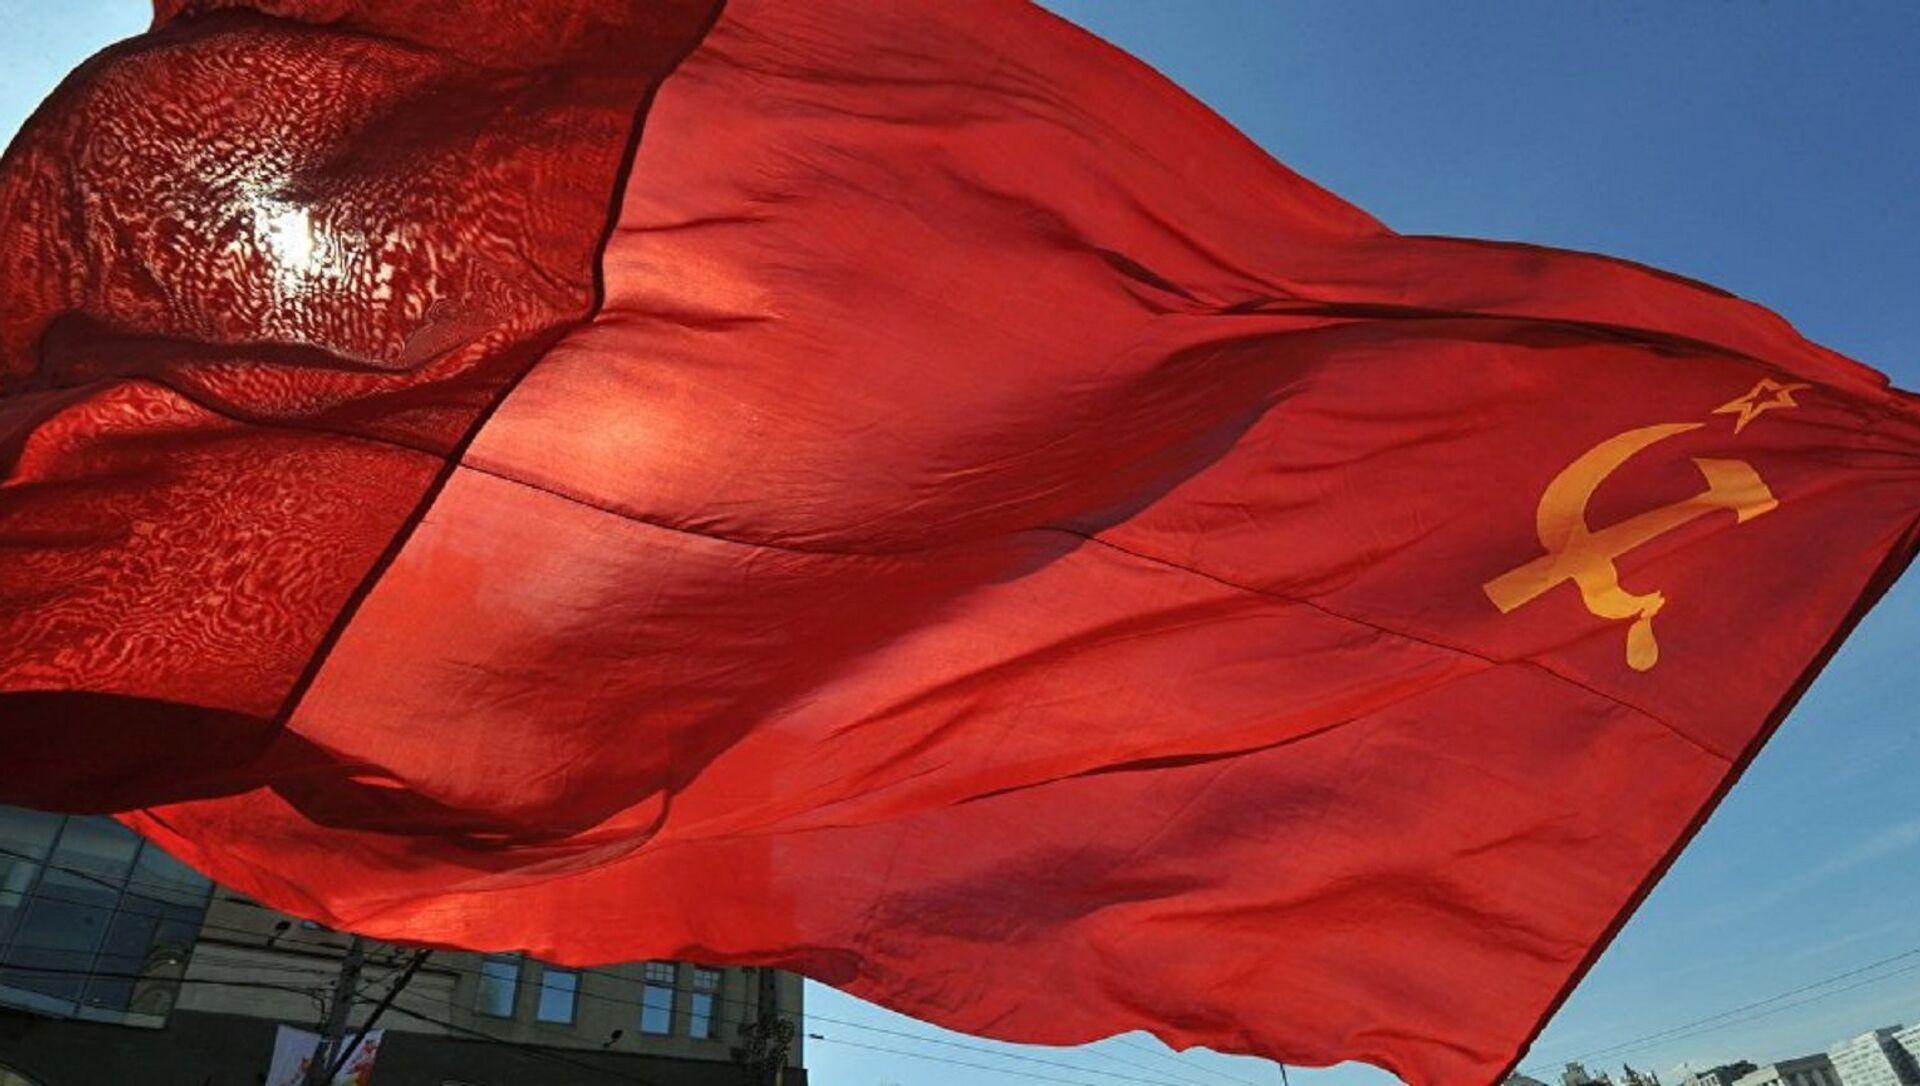 Sovyet Sosyalist Cumhuriyetler Birliği (SSCB) Bayrağı - Sputnik Türkiye, 1920, 31.07.2021